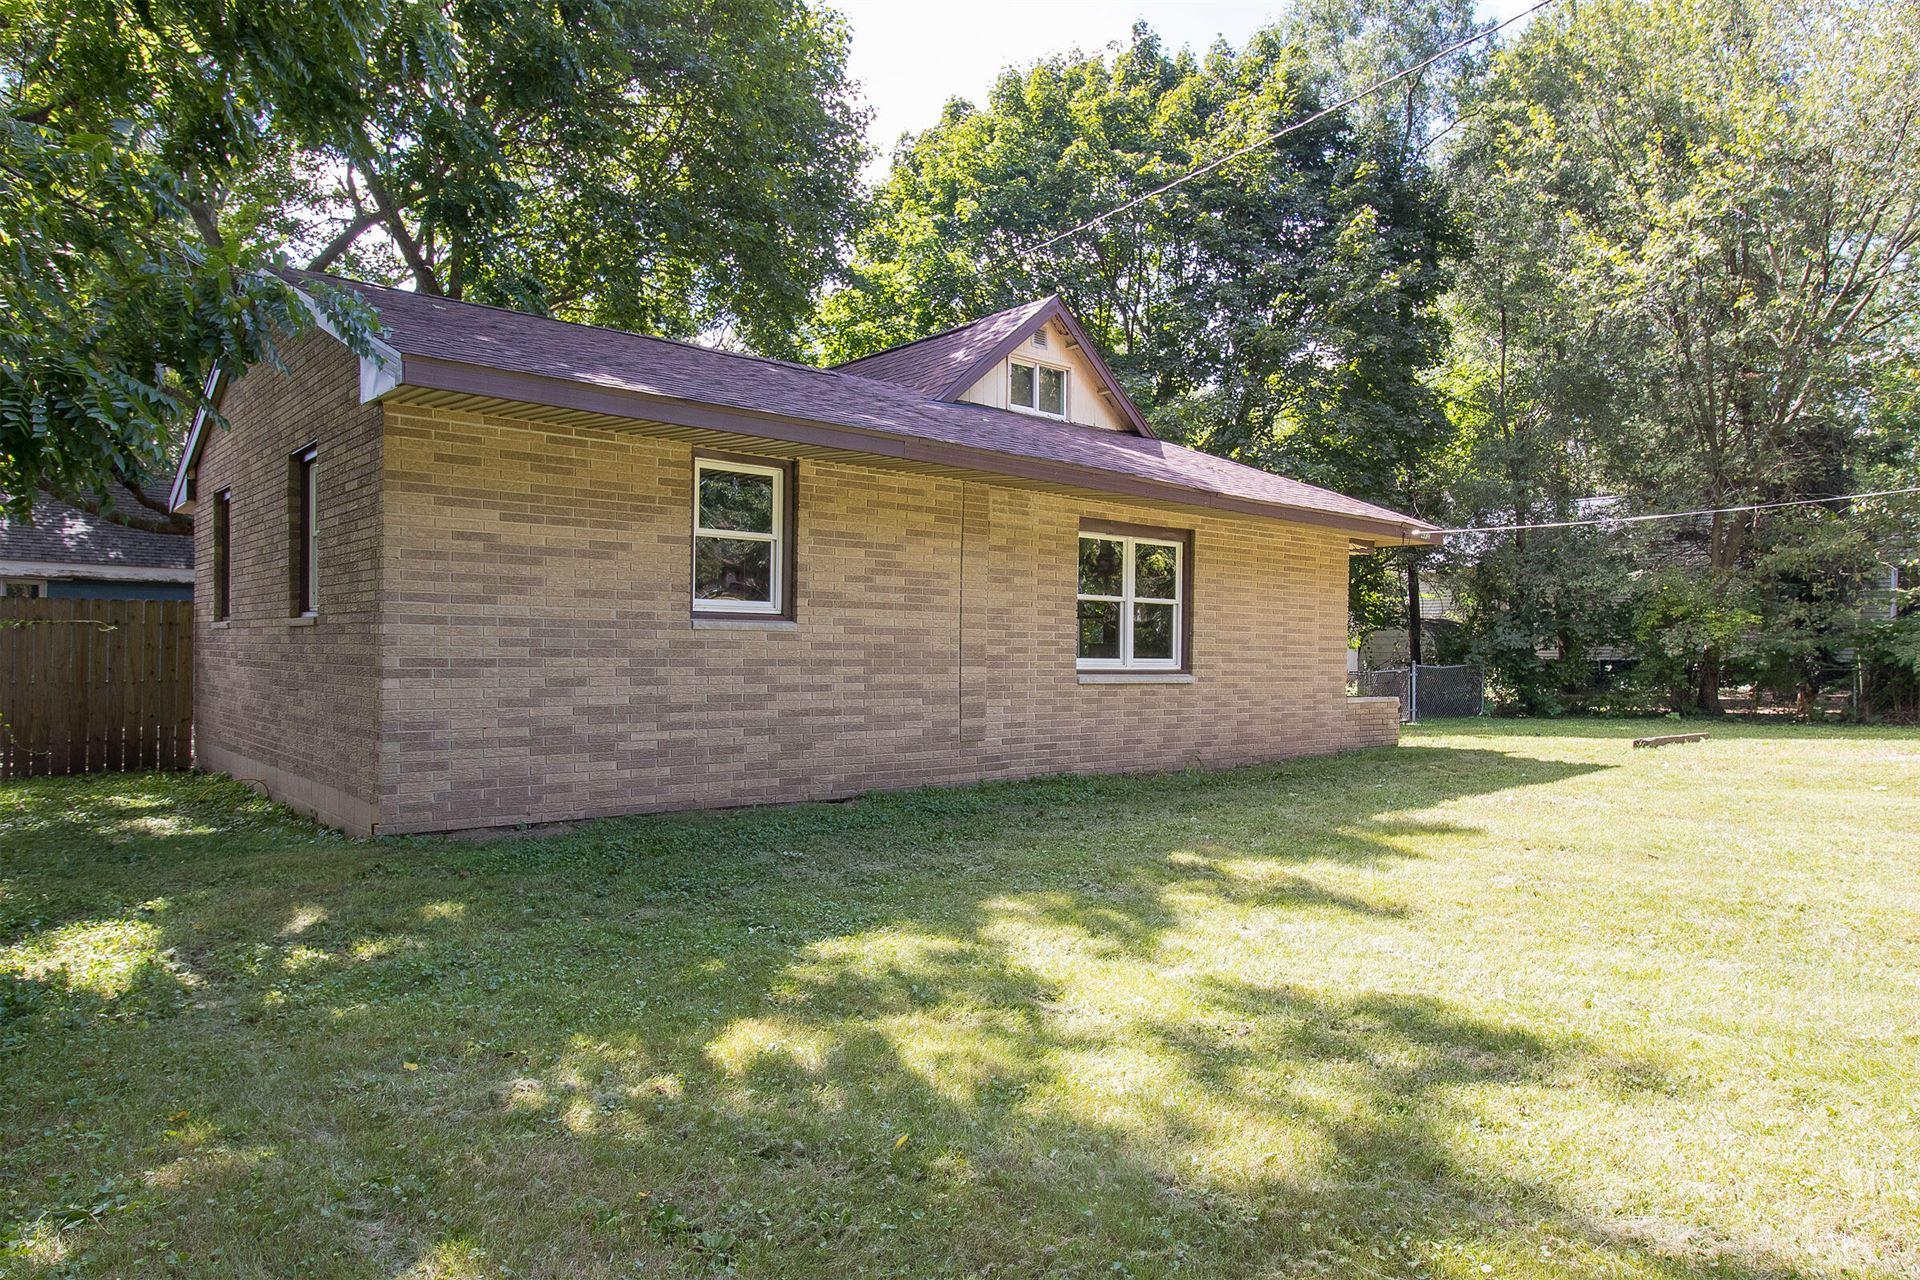 472 Cornell Drive, Battle Creek, MI 49017 - MLS#: 21105190